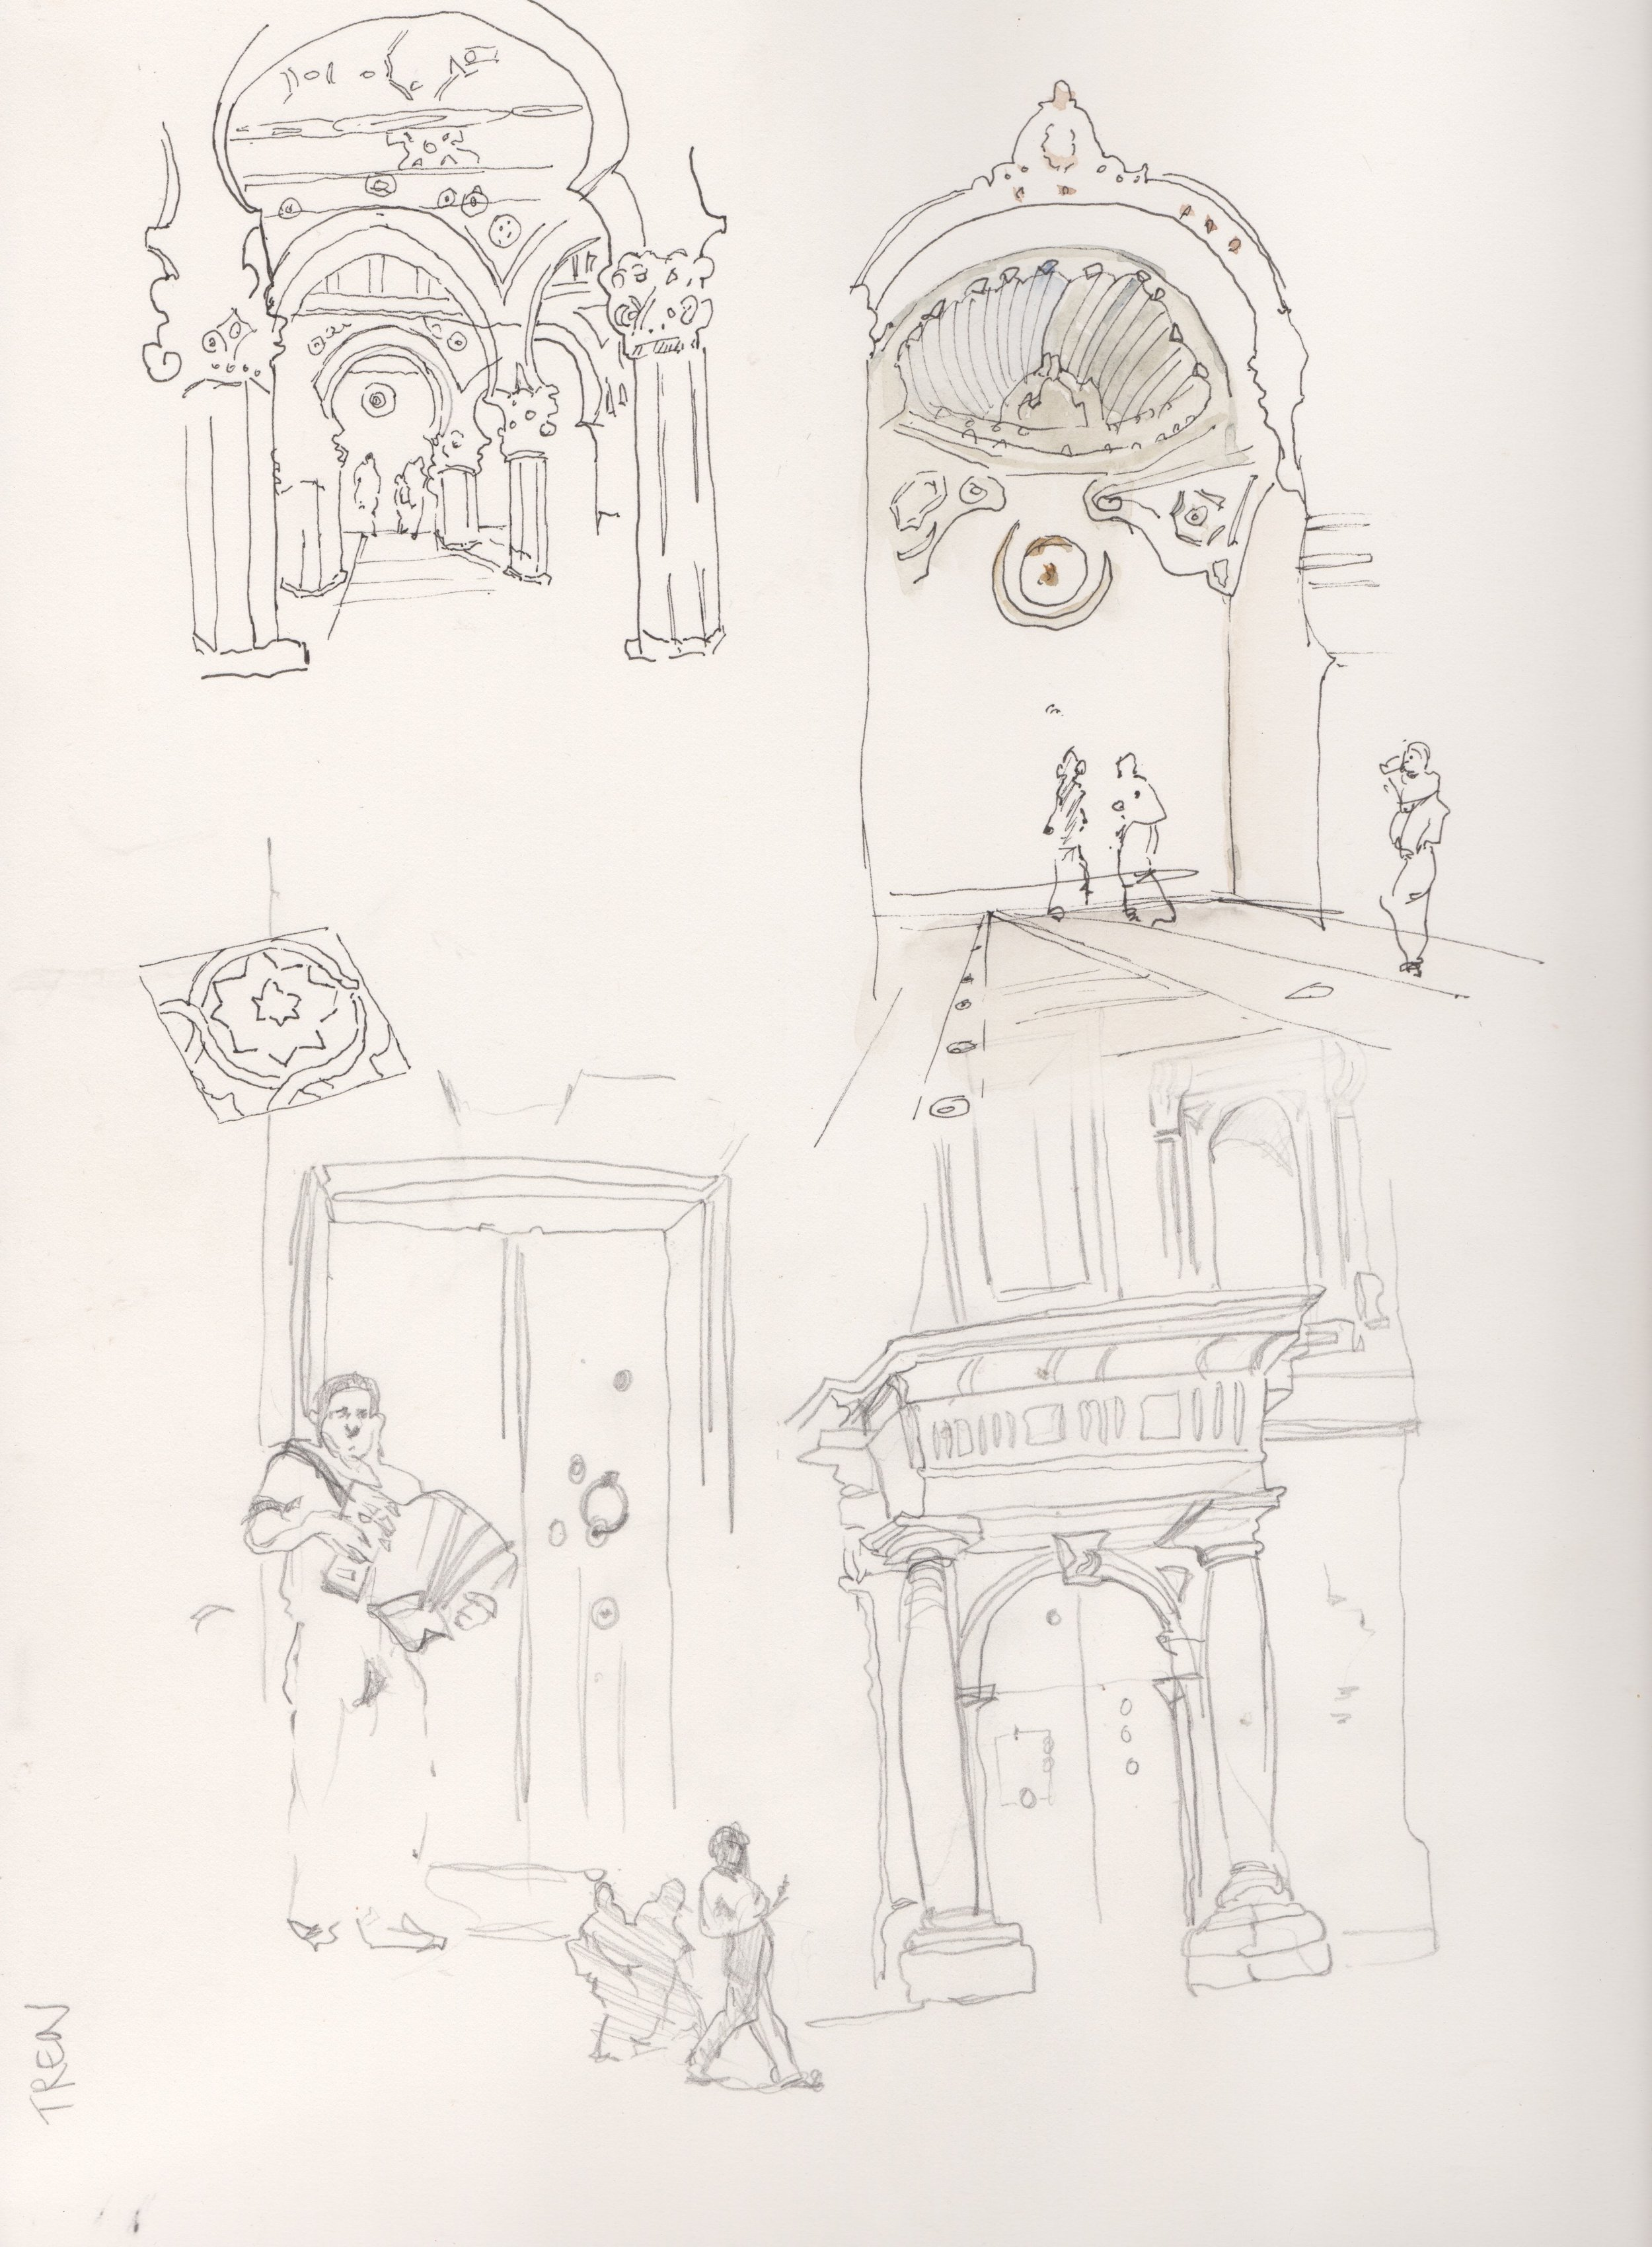 spain 2018 sketch 2 6.jpeg